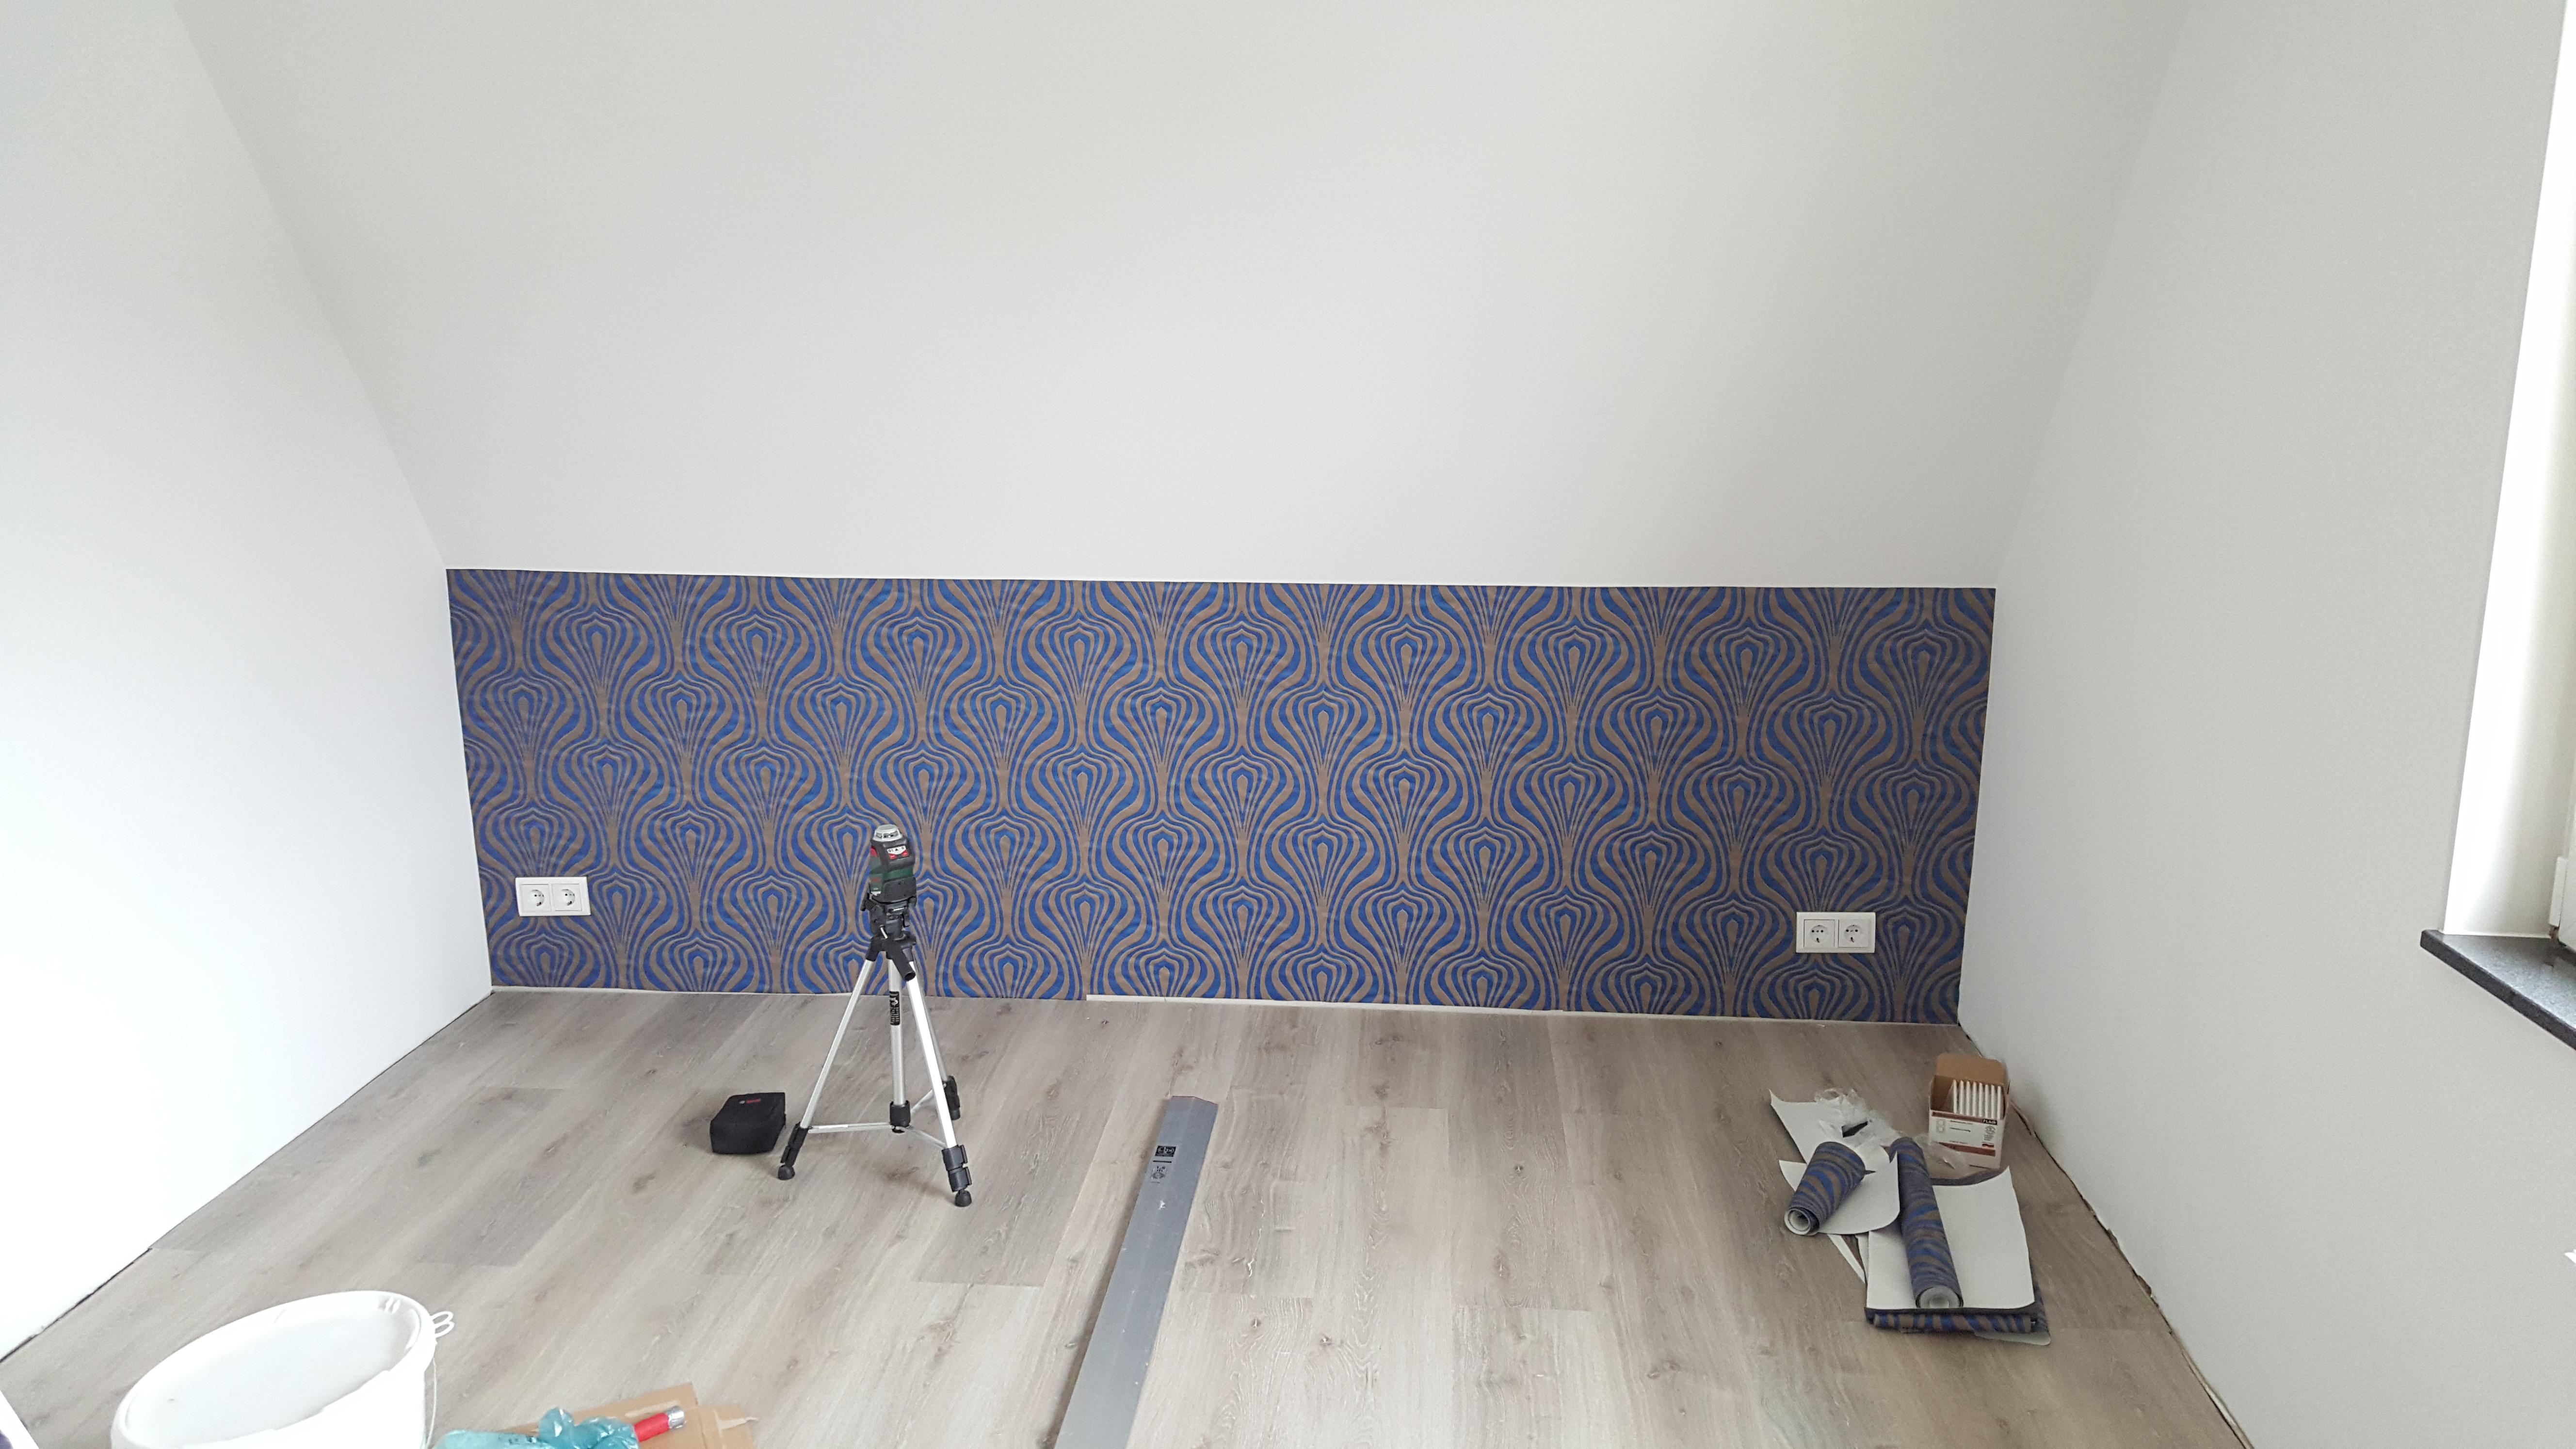 das schlafzimmer mustertapete - Muster Tapete Schlafzimmer